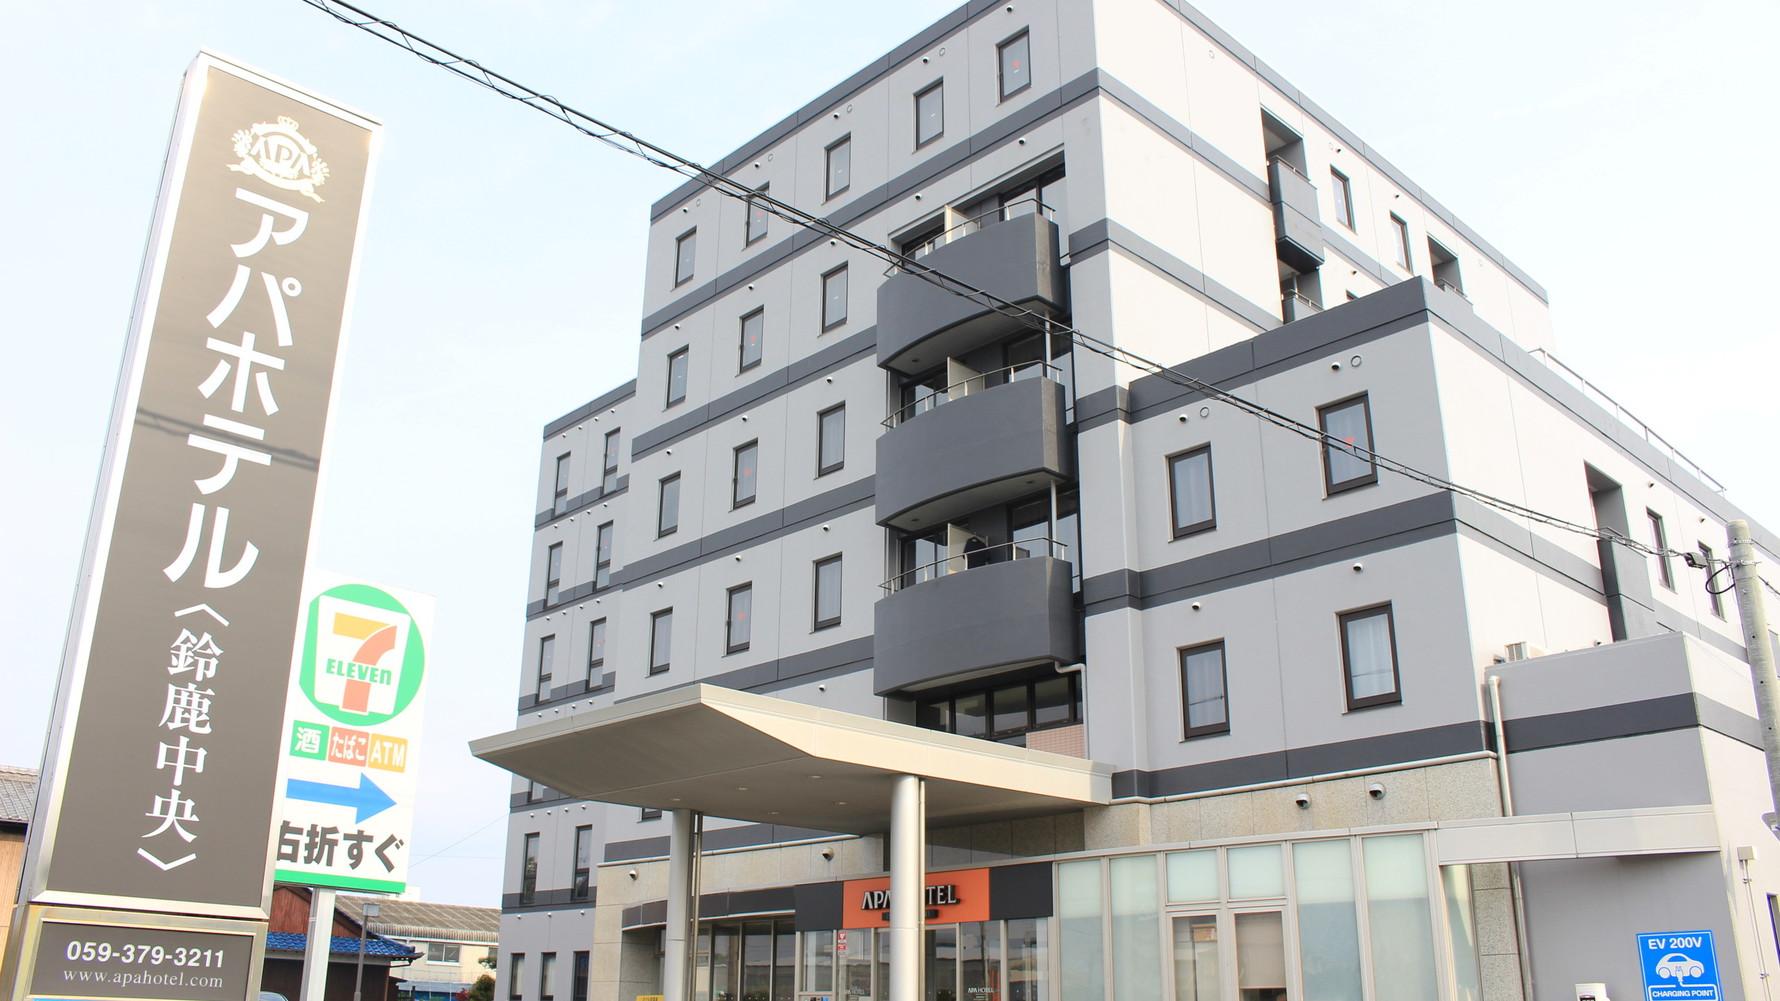 鈴鹿セントラルホテル(4月27日からアパホテル〈鈴鹿中央〉)